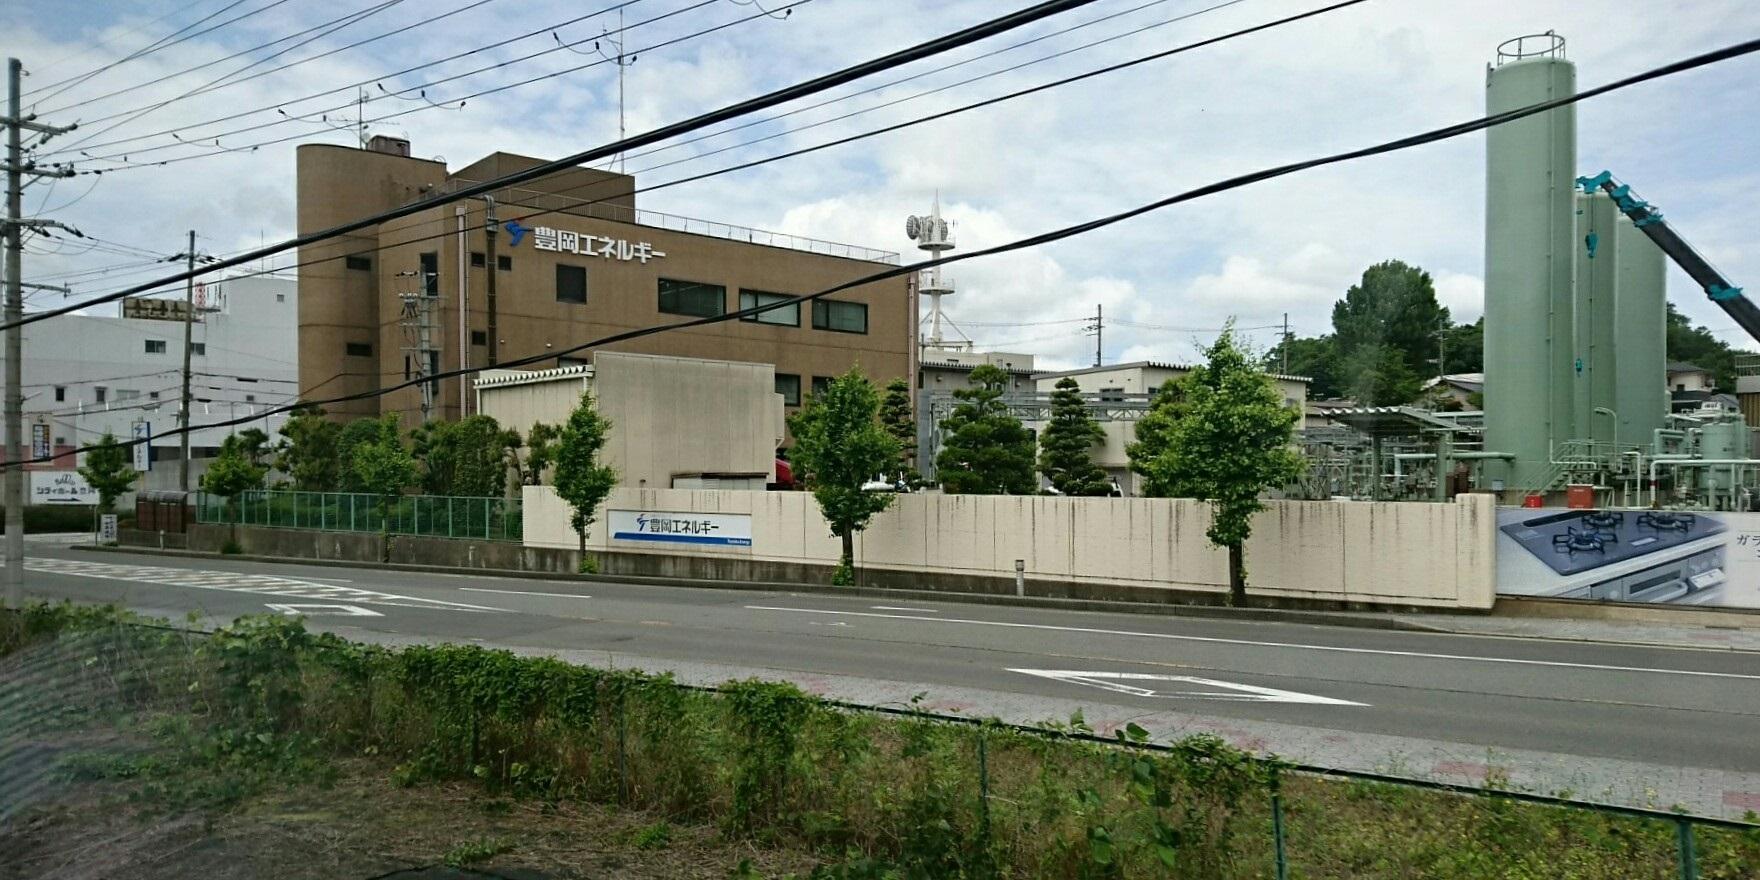 2017.6.3 豊岡 (63) こうのとり5号 - まち 1760-880